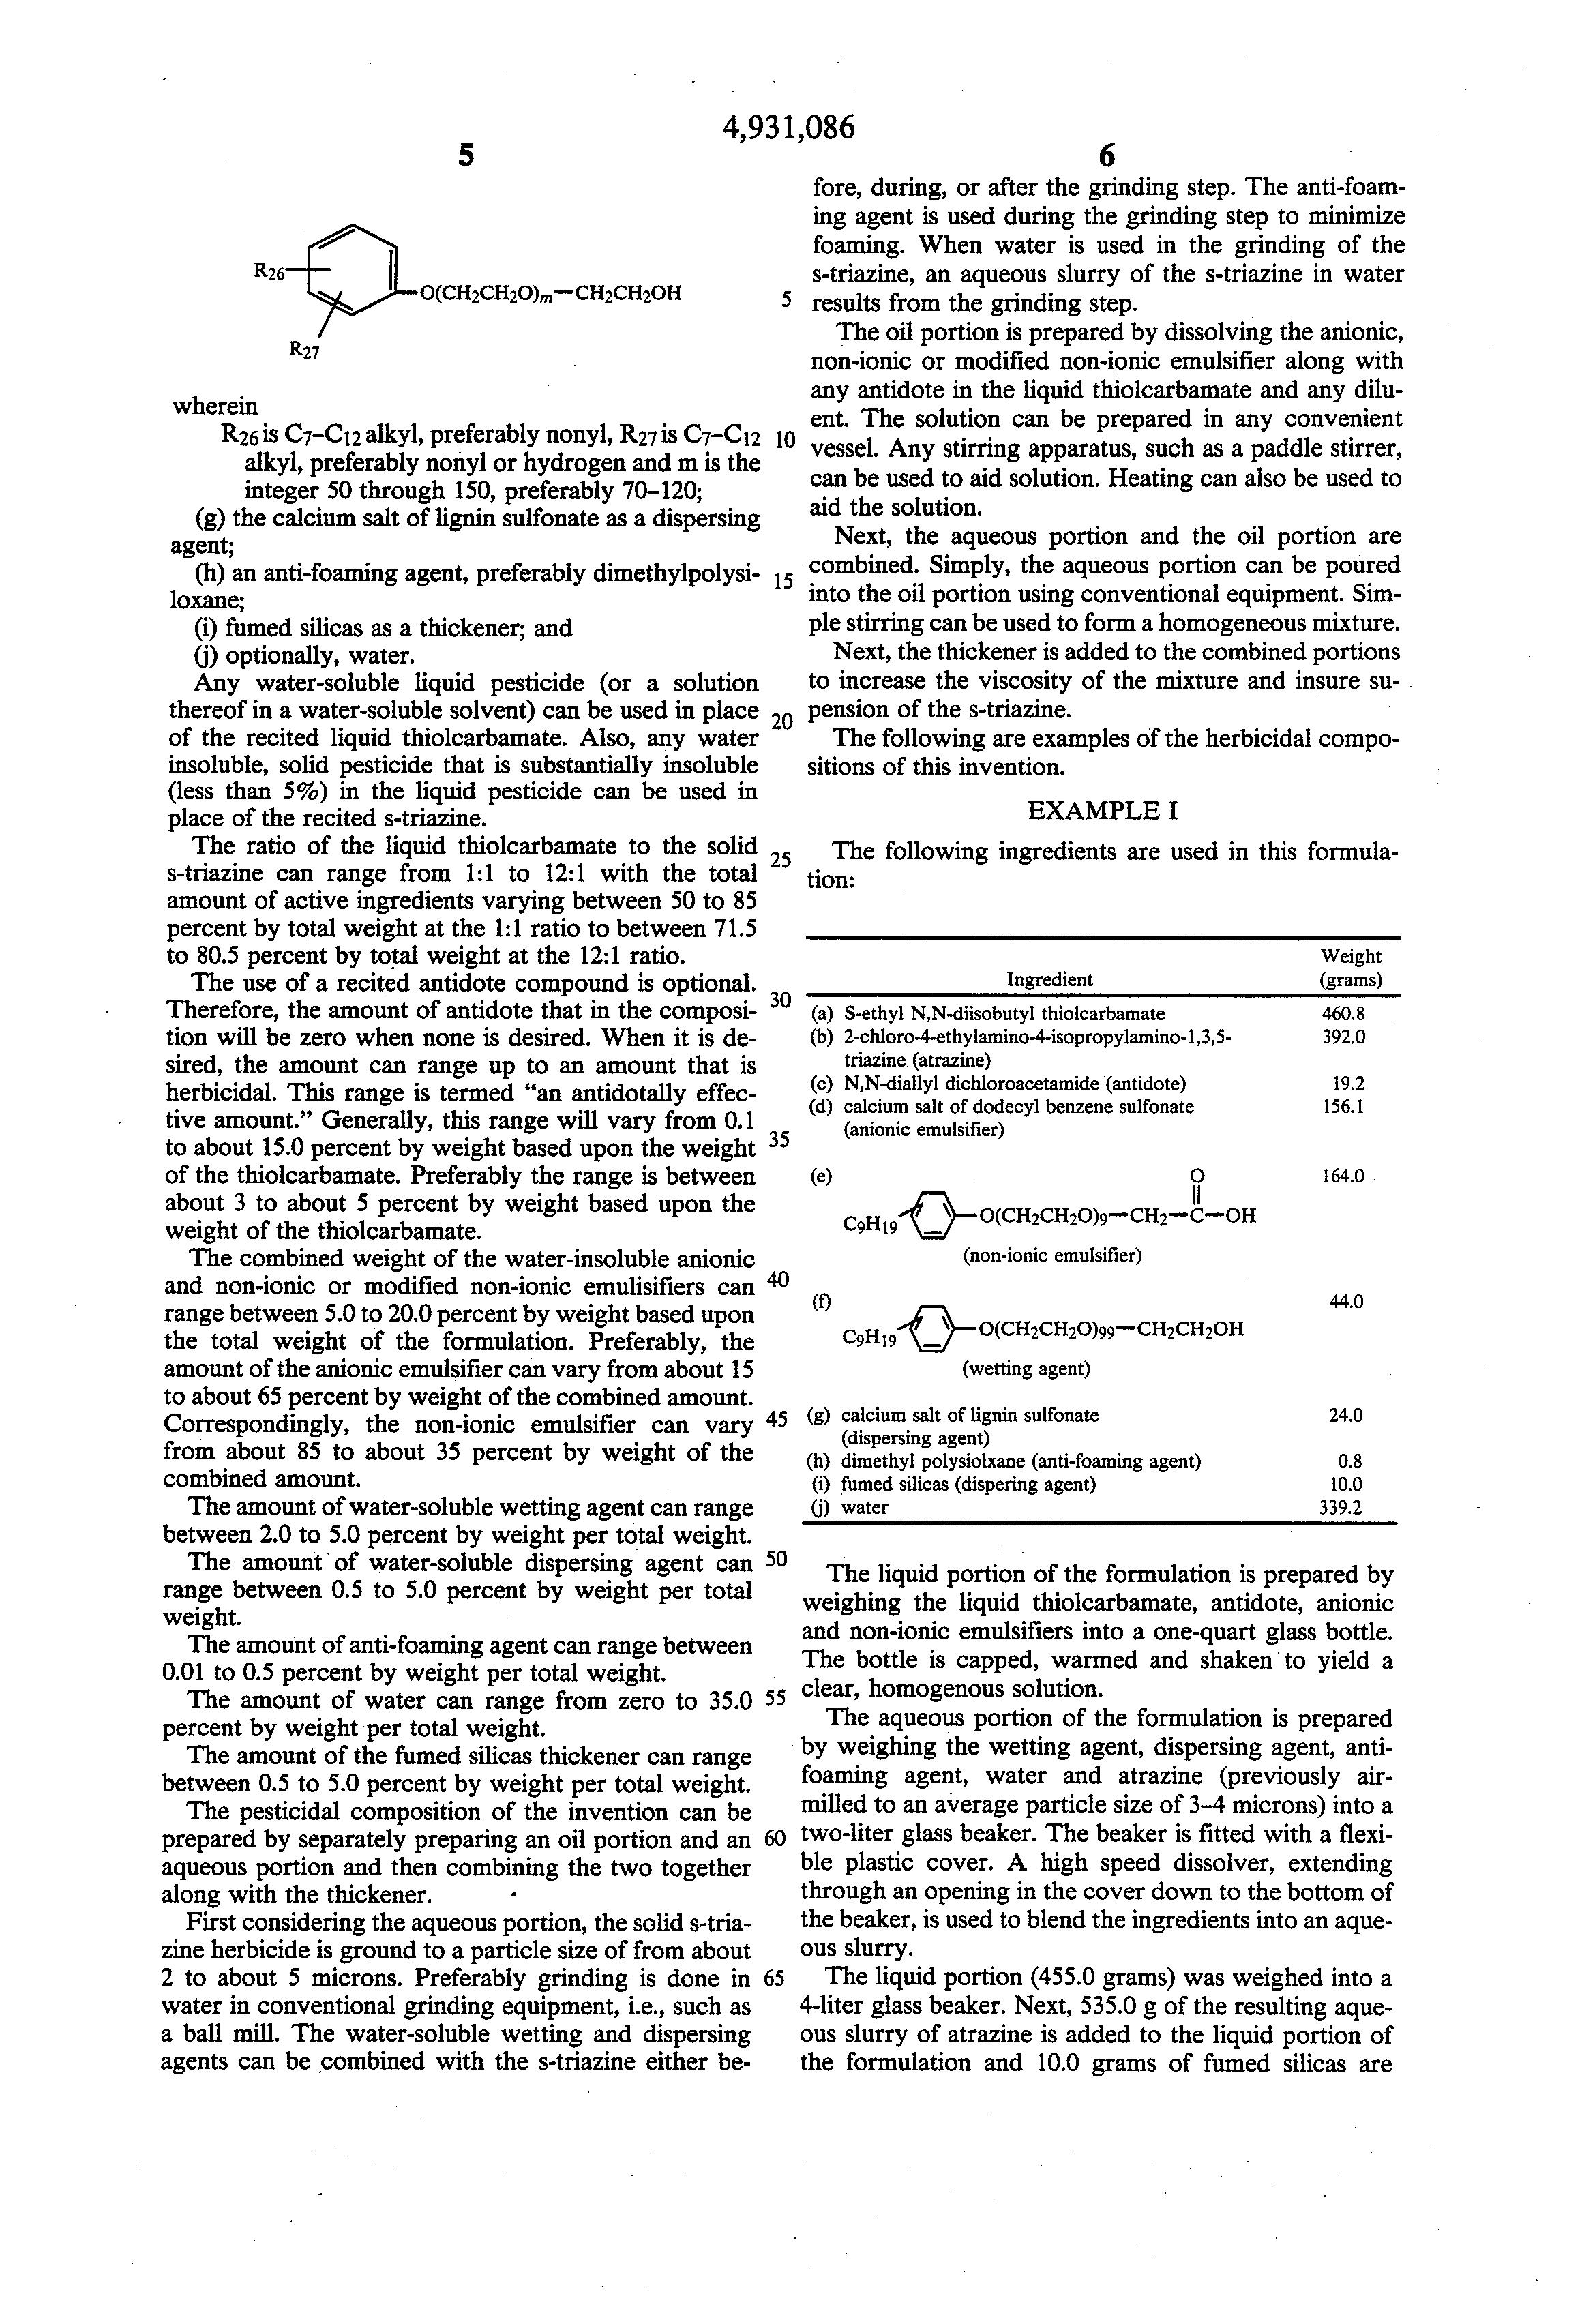 free органическая химия методические указания и лабораторные работы